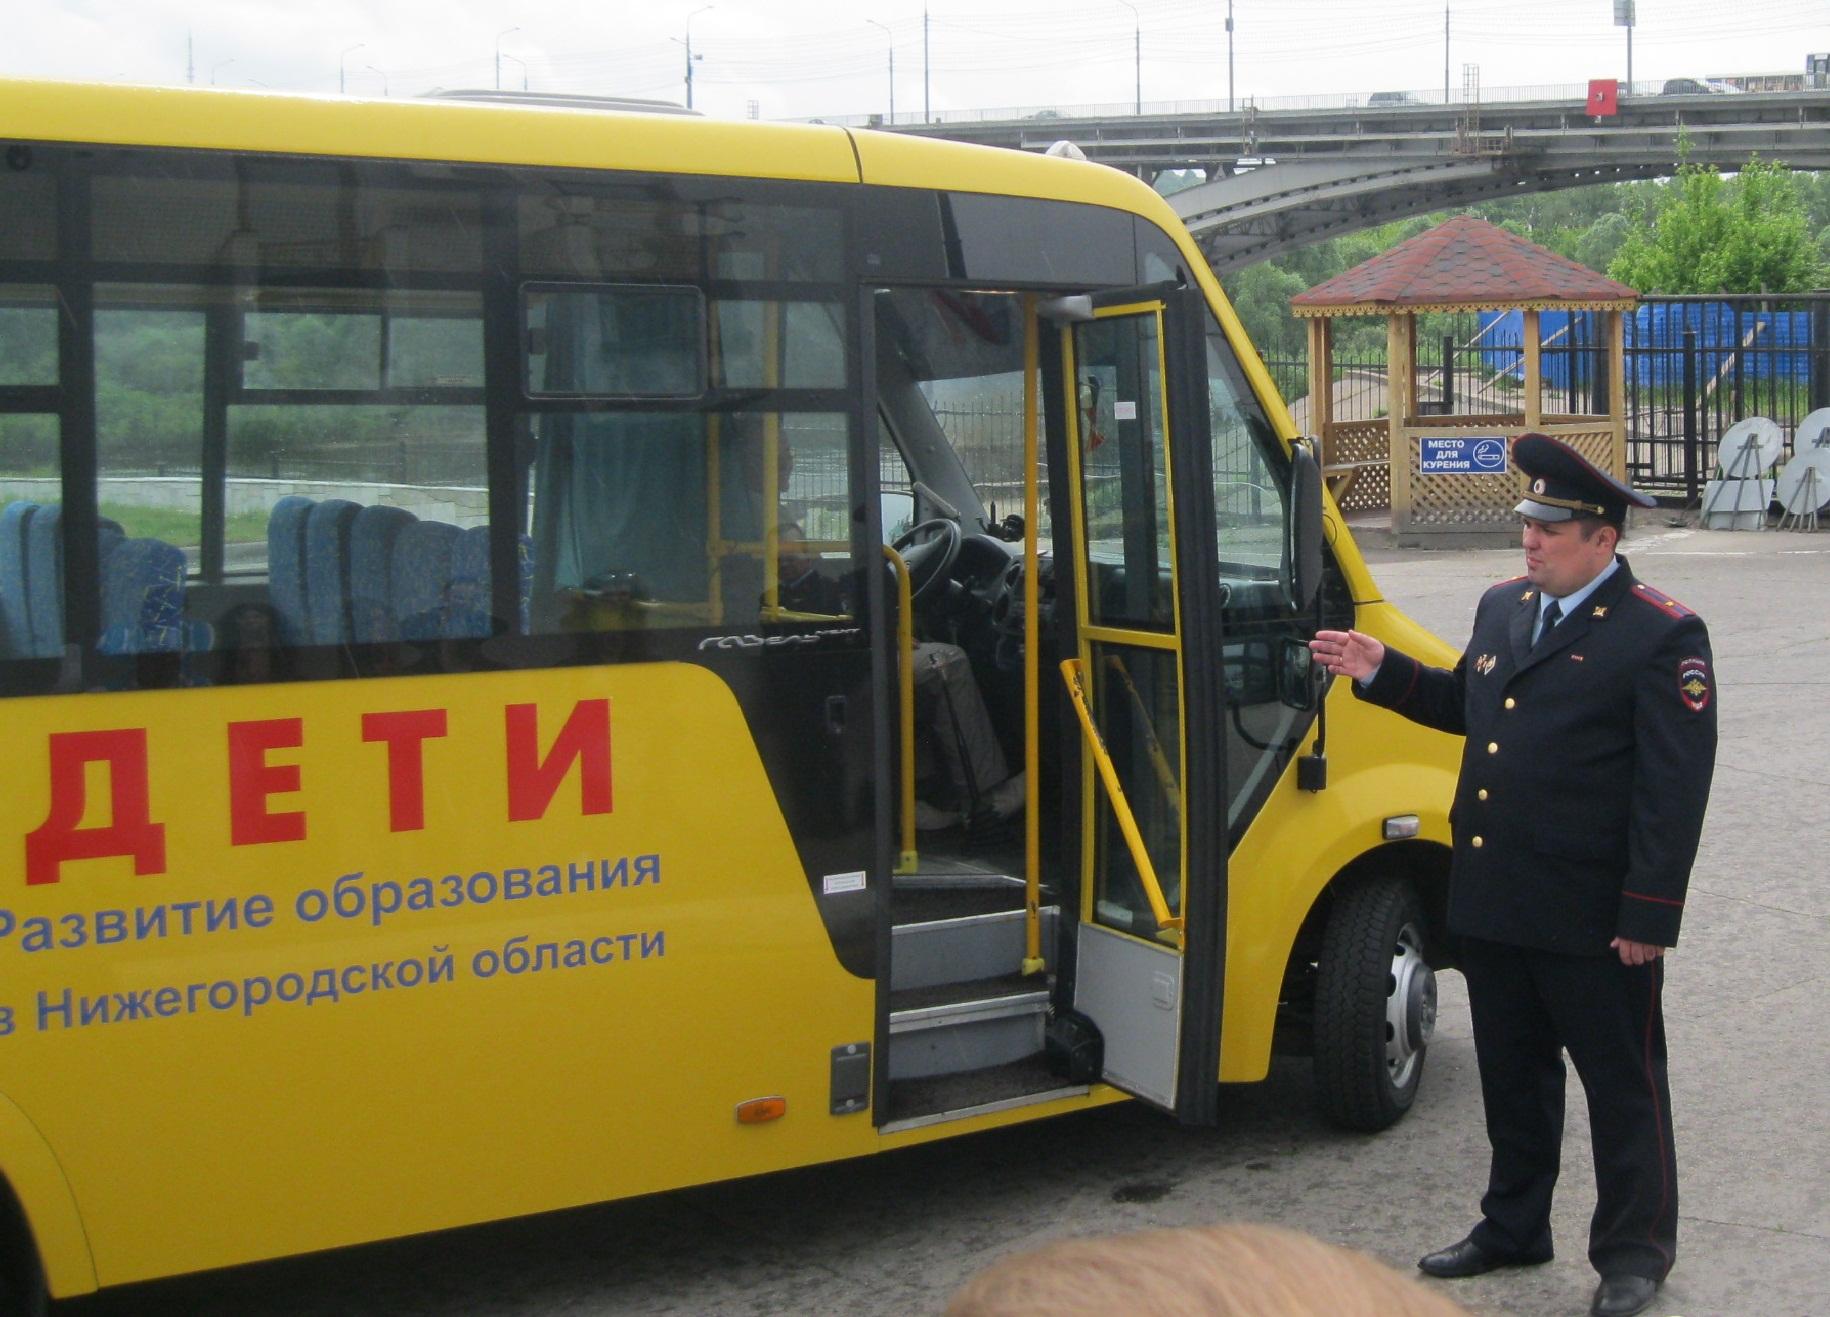 Штраф за неправильную перевозку детей в автобусе